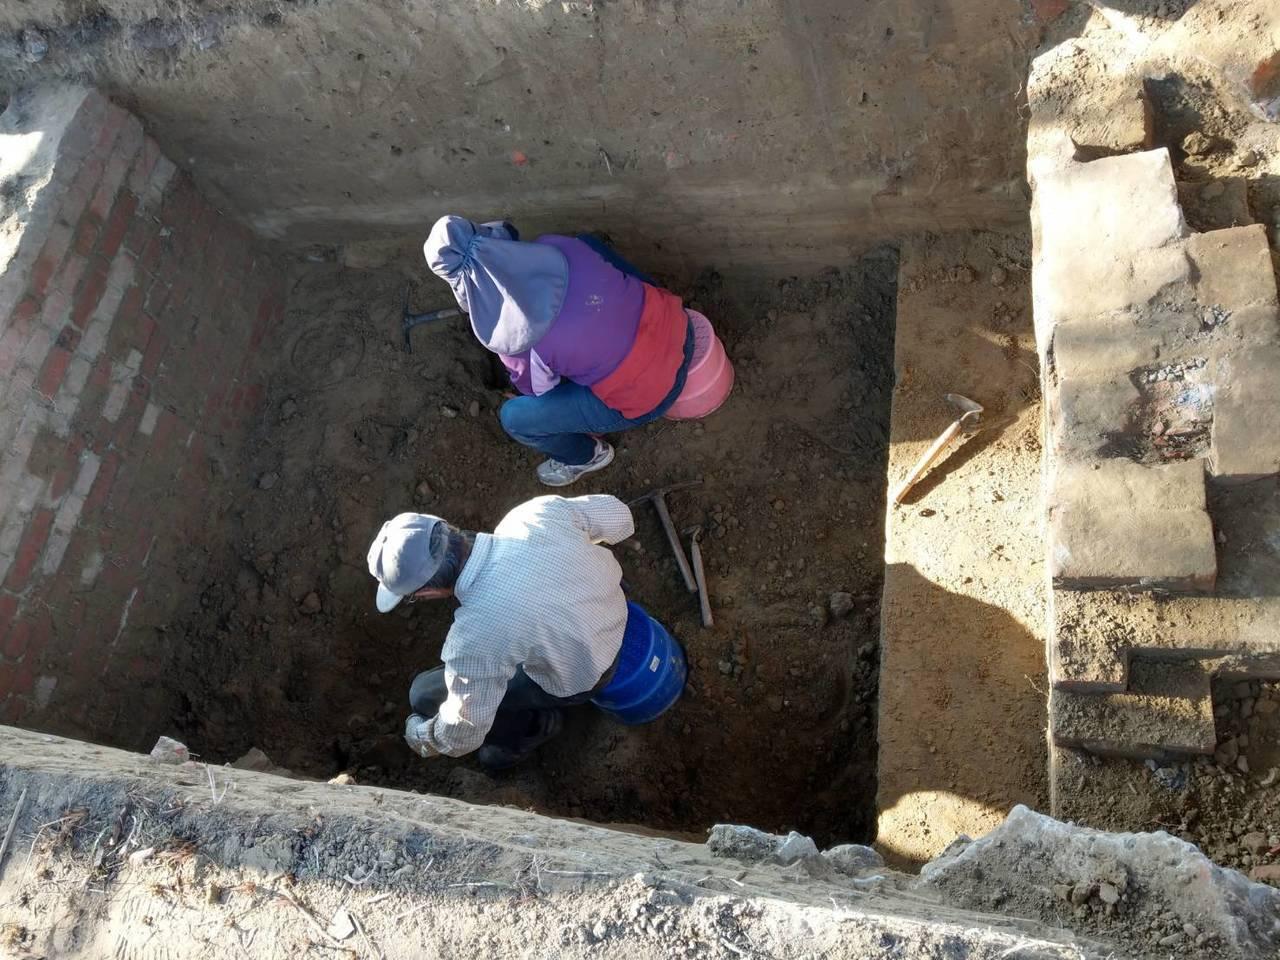 台南市市定遺址日軍射擊場的南側最近又被挖出部分靶溝,圖為考古人員正進行試掘。圖/...